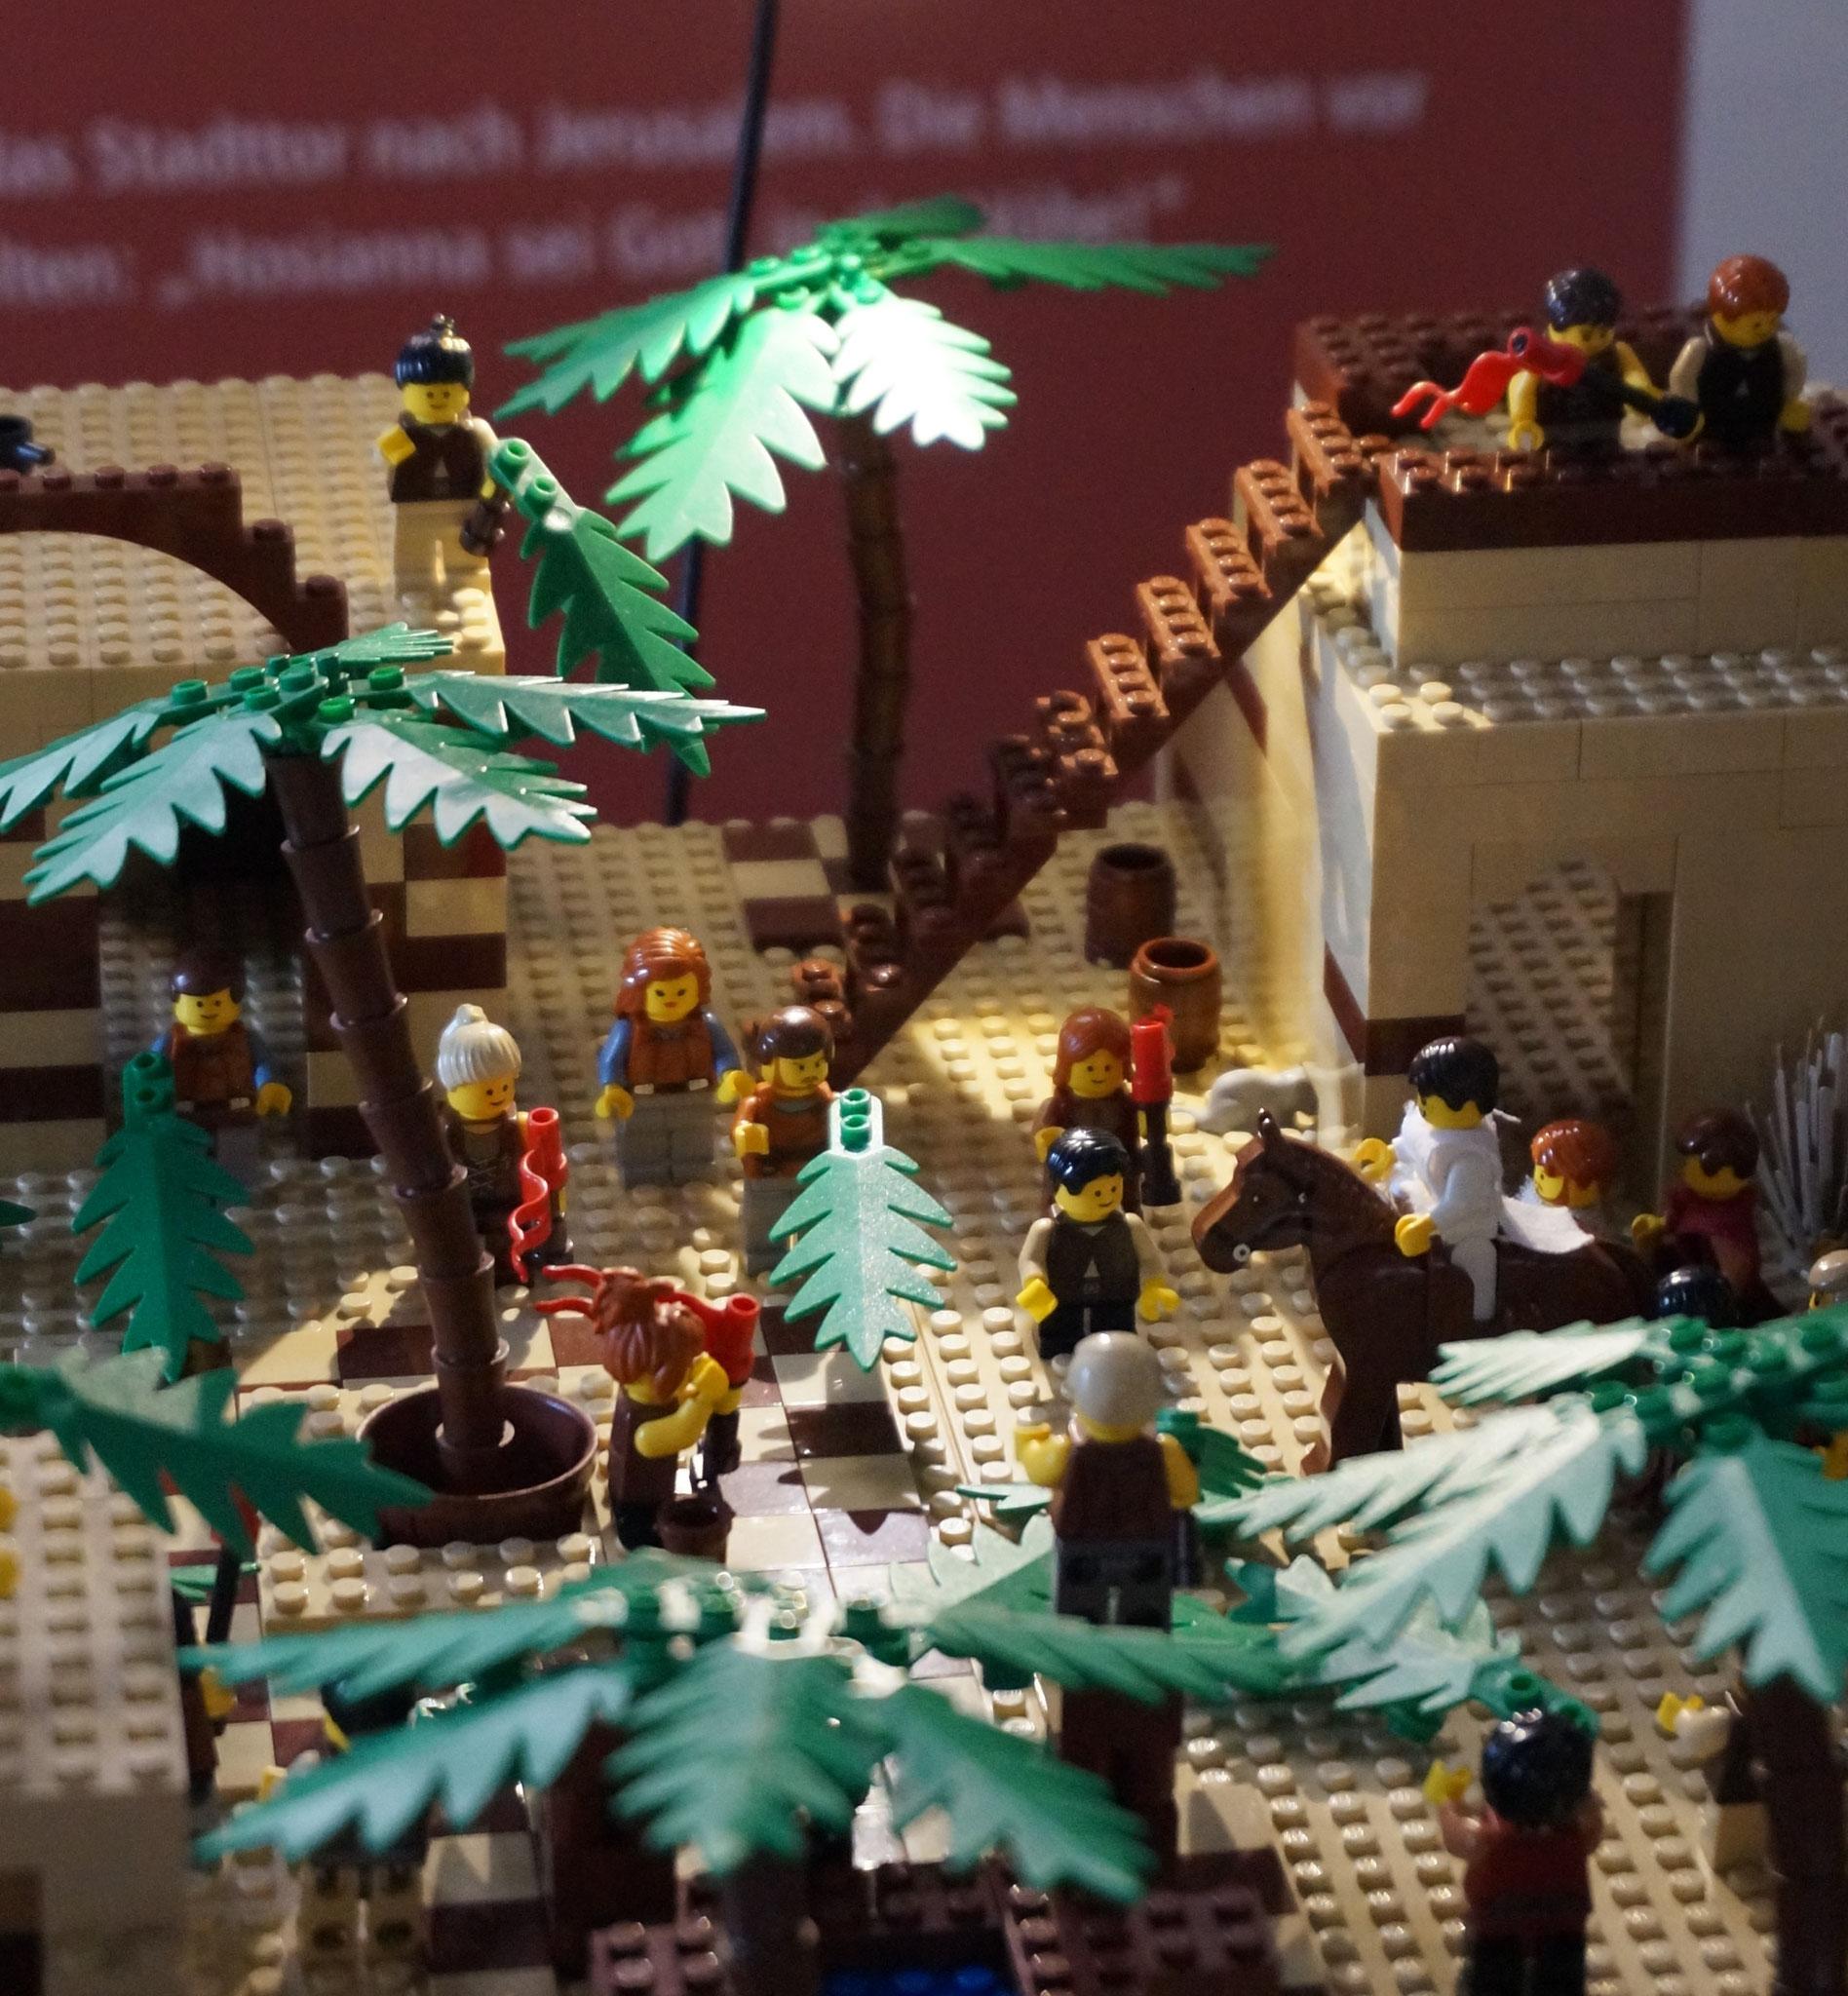 1. Station - Jesus zieht in Jerusalem ein